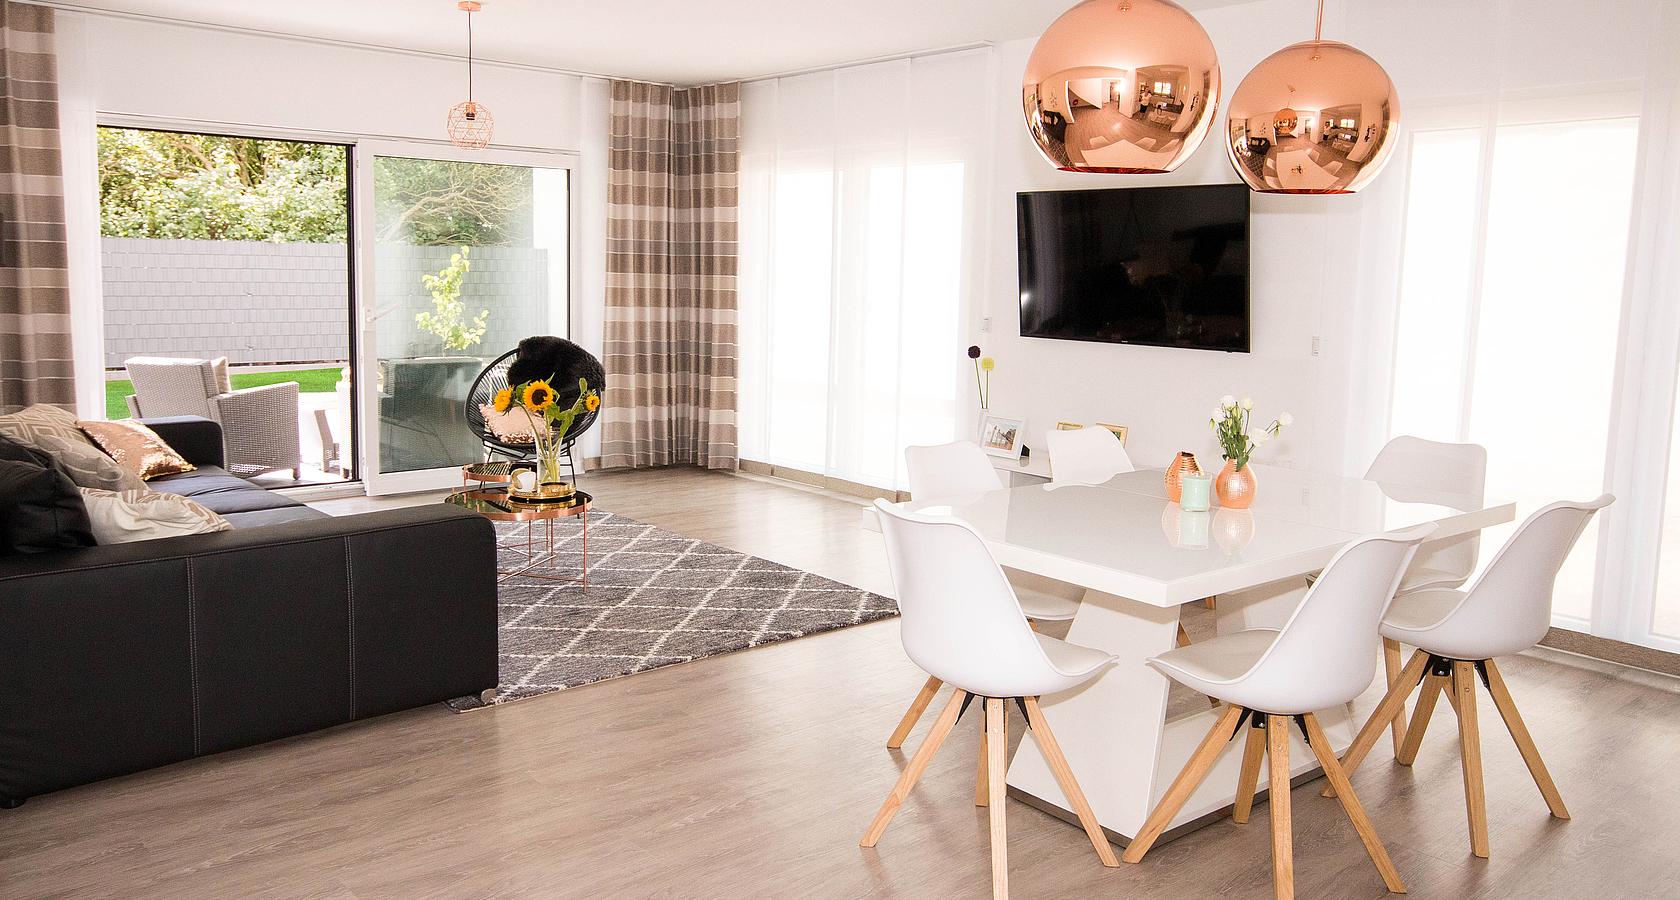 Kern Haus Futura Bauhaus In Halle Zeitloses Design Trifft Luxuriose Moderne